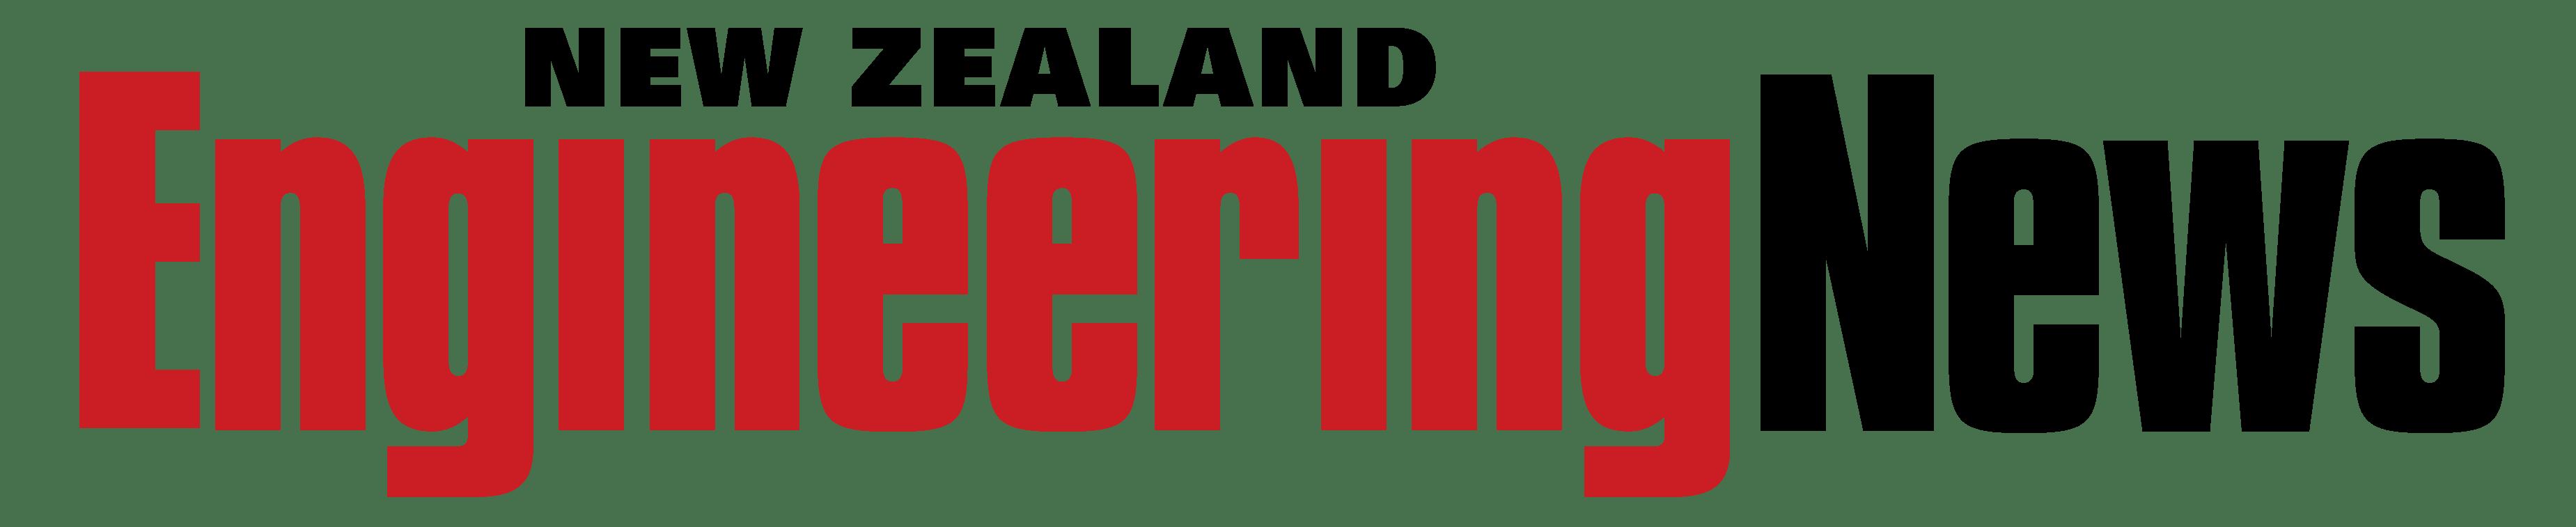 NZEN logo